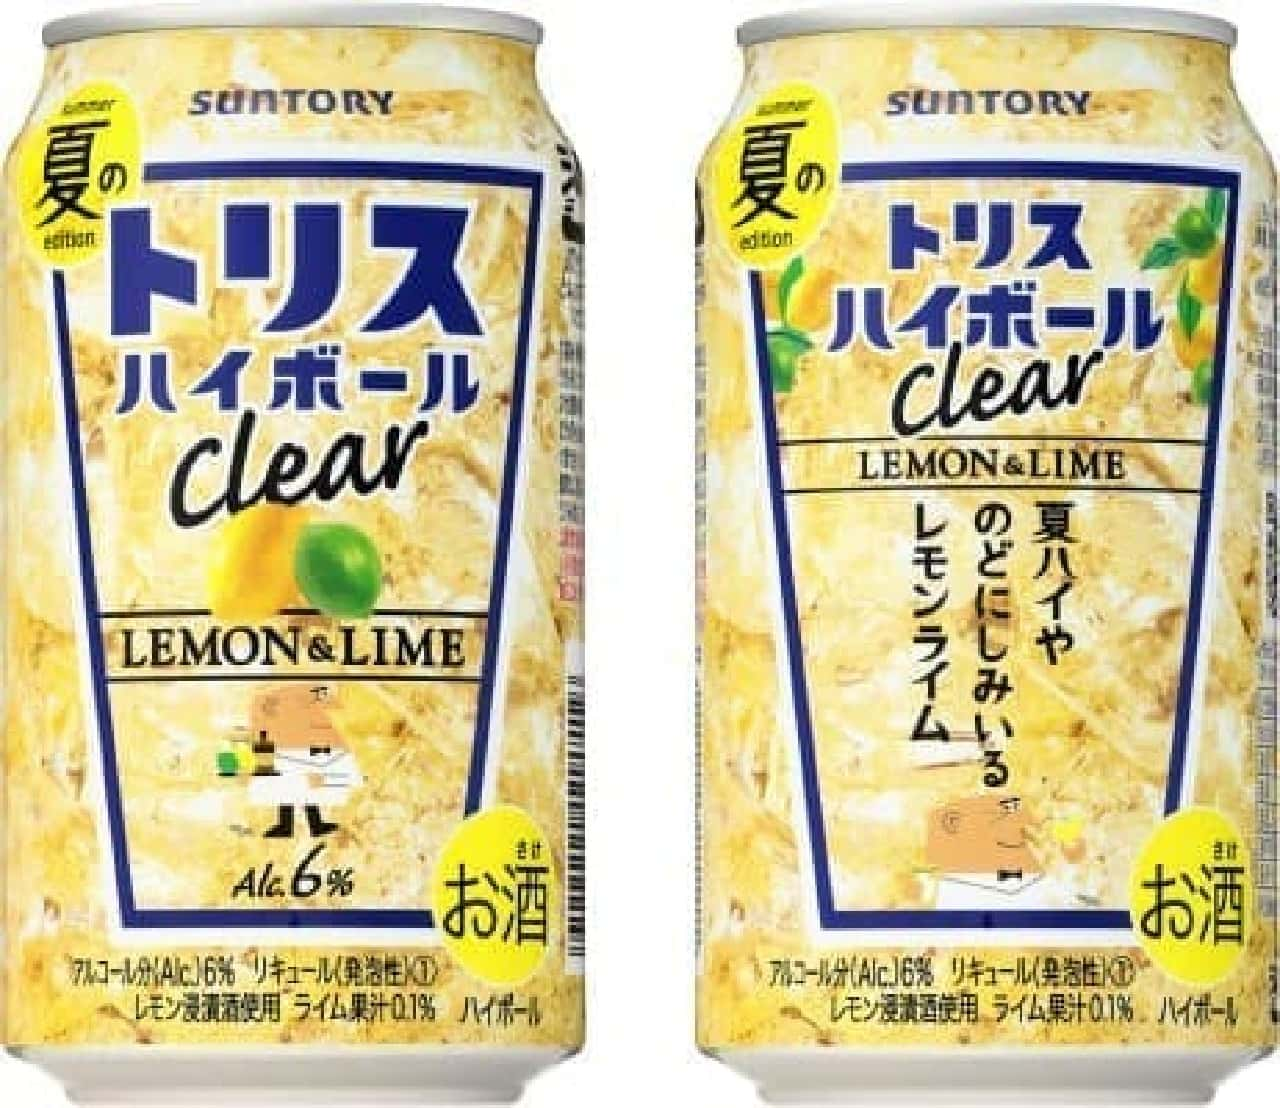 「トリスハイボール缶〈レモン&ライム〉」